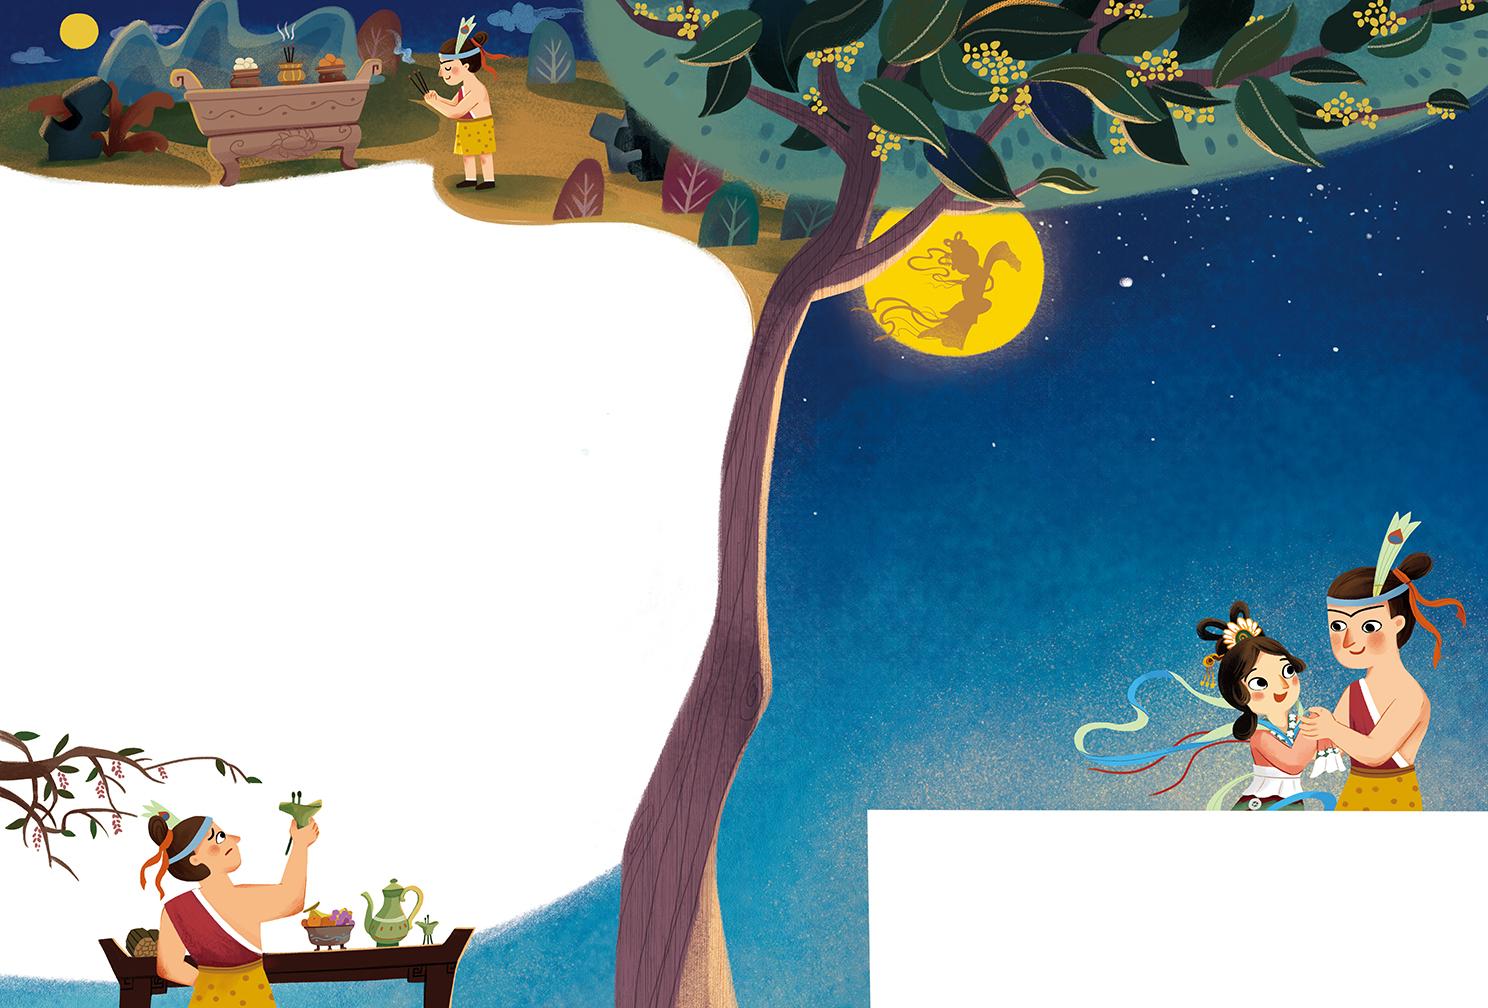 嫦娥奔月的故事电视内容|嫦娥奔月的故事电视版面设计图片